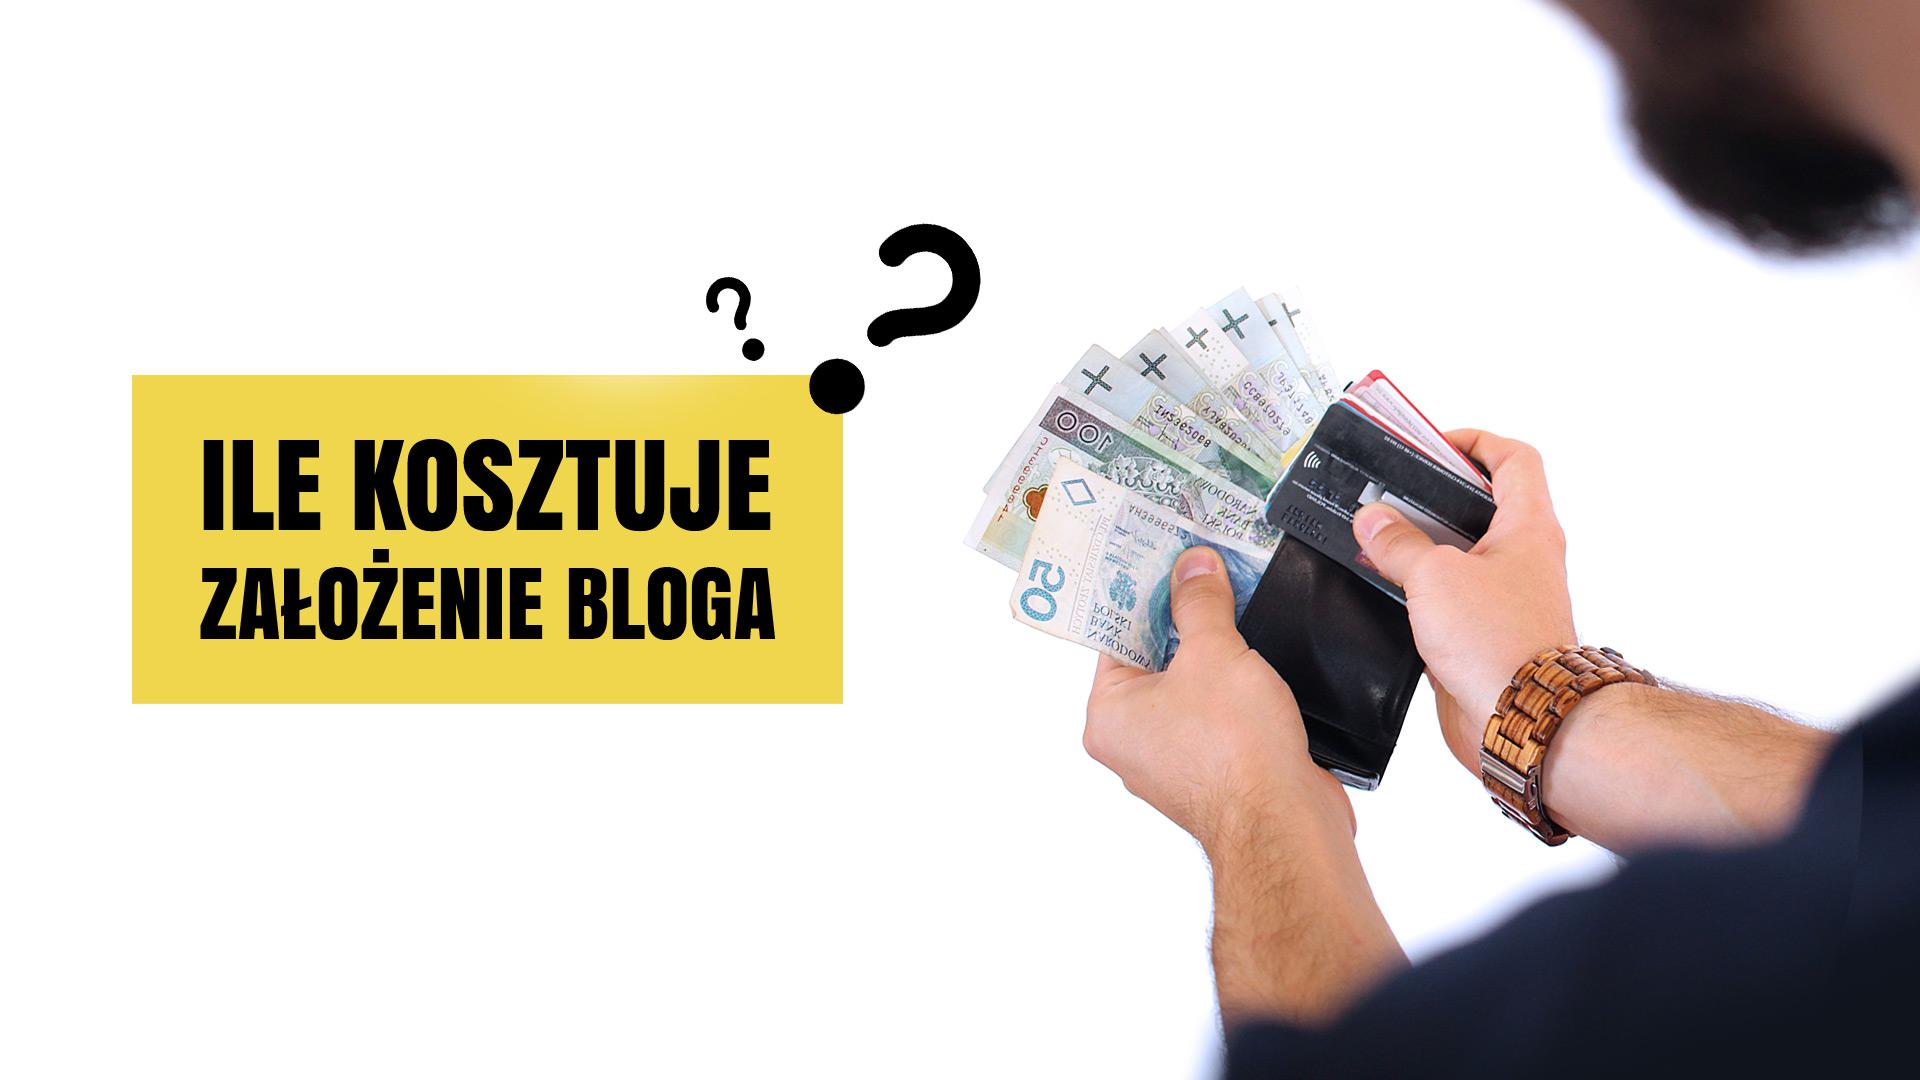 Ile kosztuje założenie bloga?